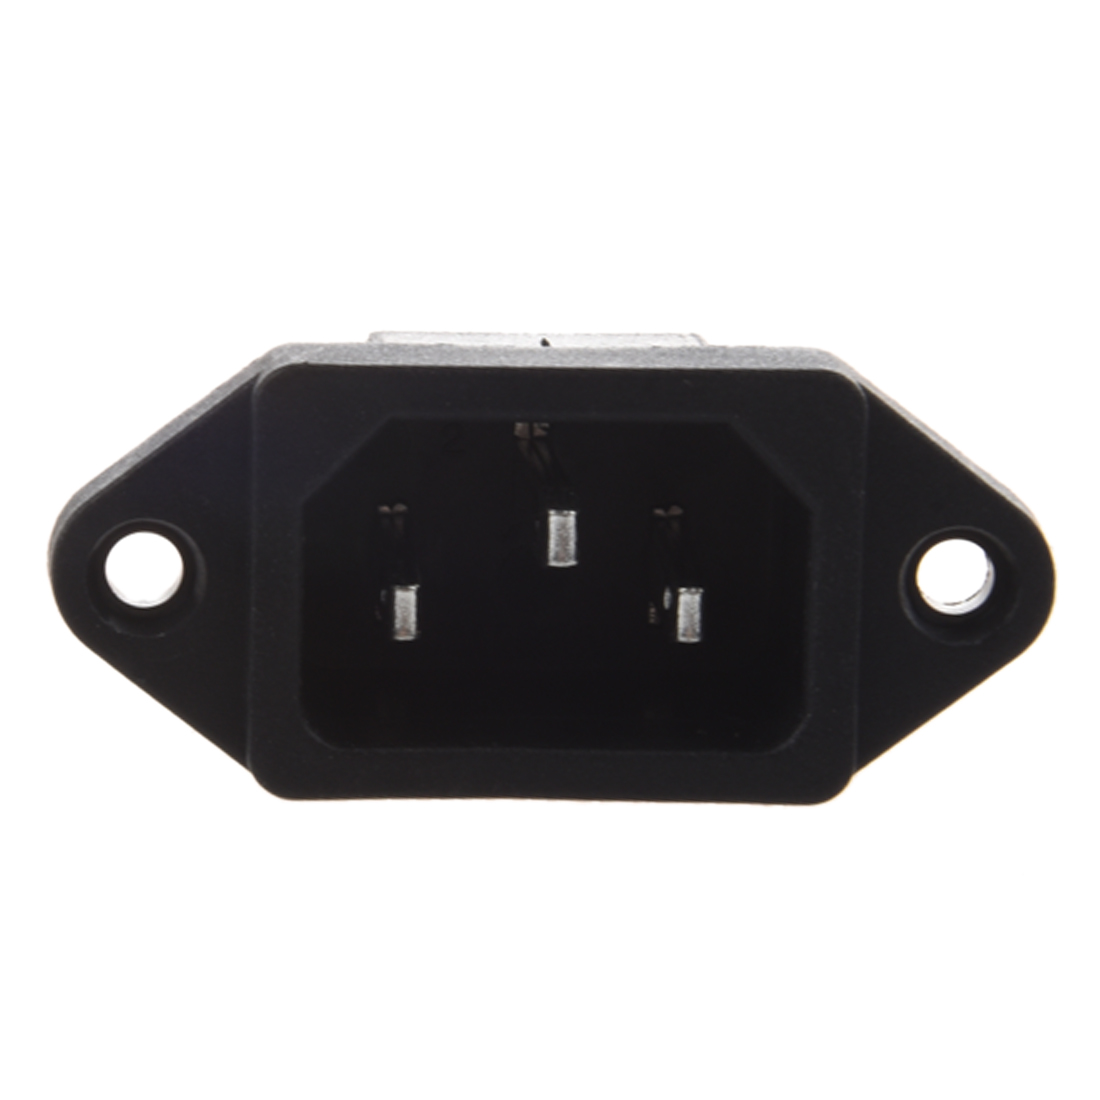 Yhys-hot IEC 2018 C14 mâle 3 broches   Panneau de Type de vis PCB, connecteur de prise dentrée de puissance 1 Pc AC 320 V 10A plastique métal